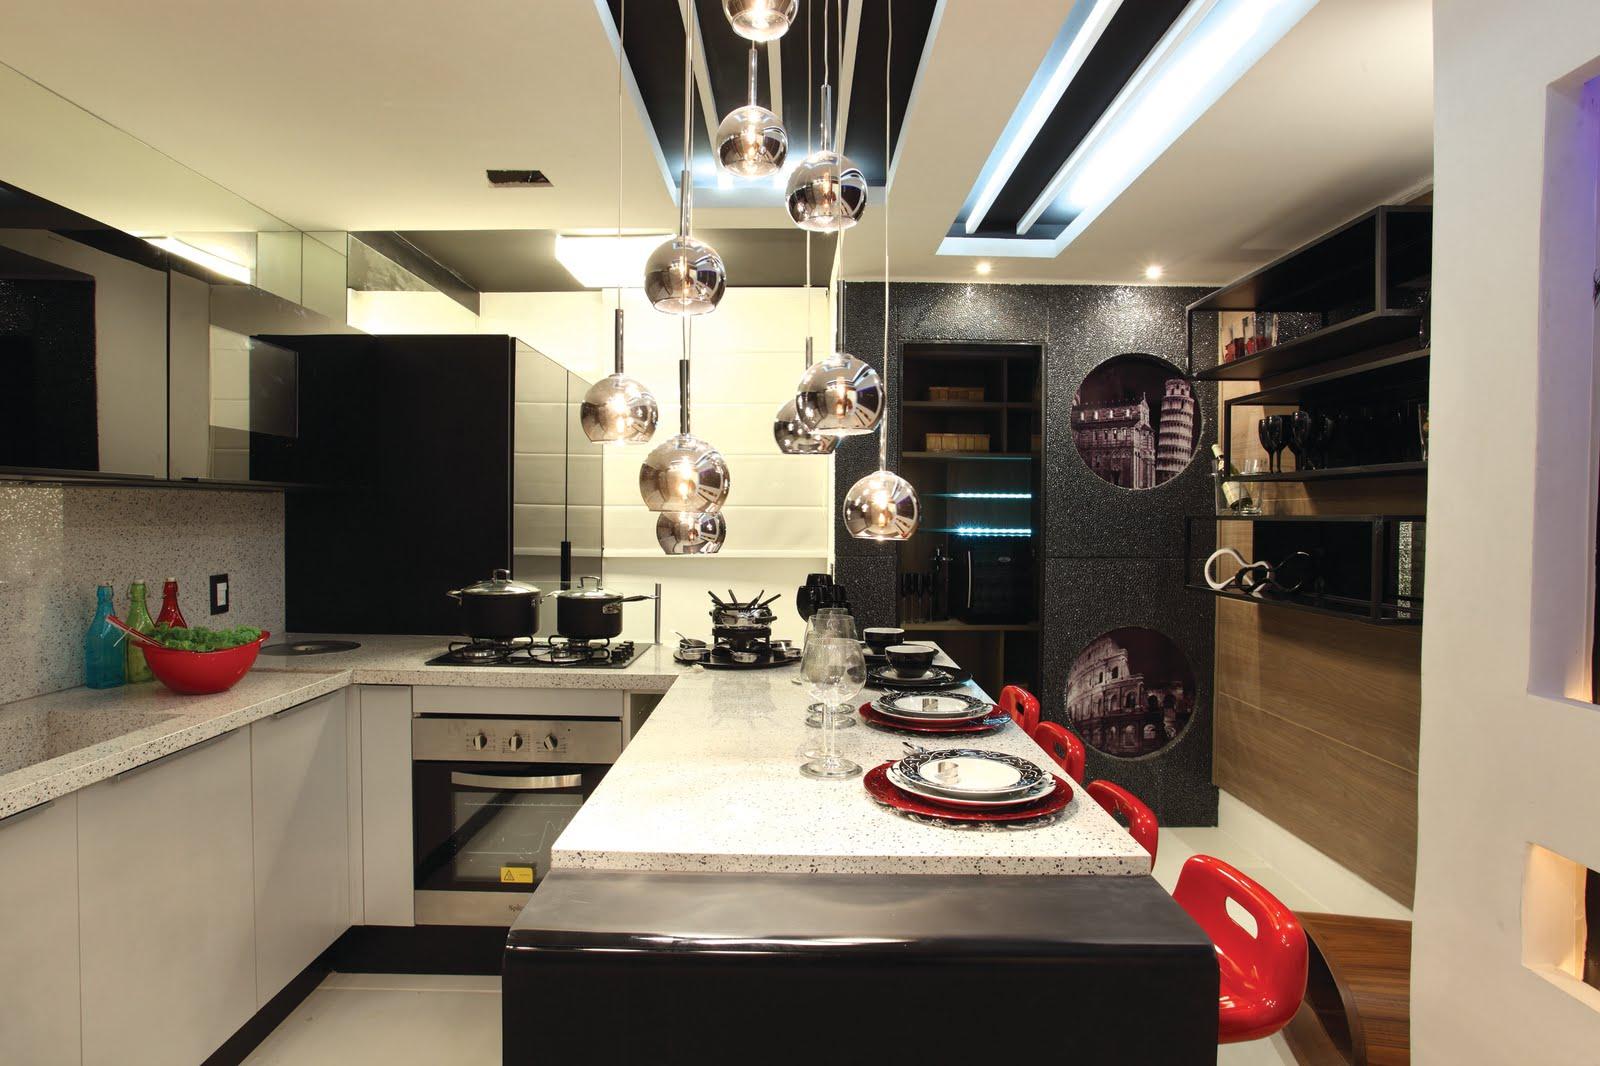 #A82323  pelos visitantes o melhor projeto da mostra ~ Mostra Casa Design 1600x1066 px Cozinha Casa Design_397 Imagens